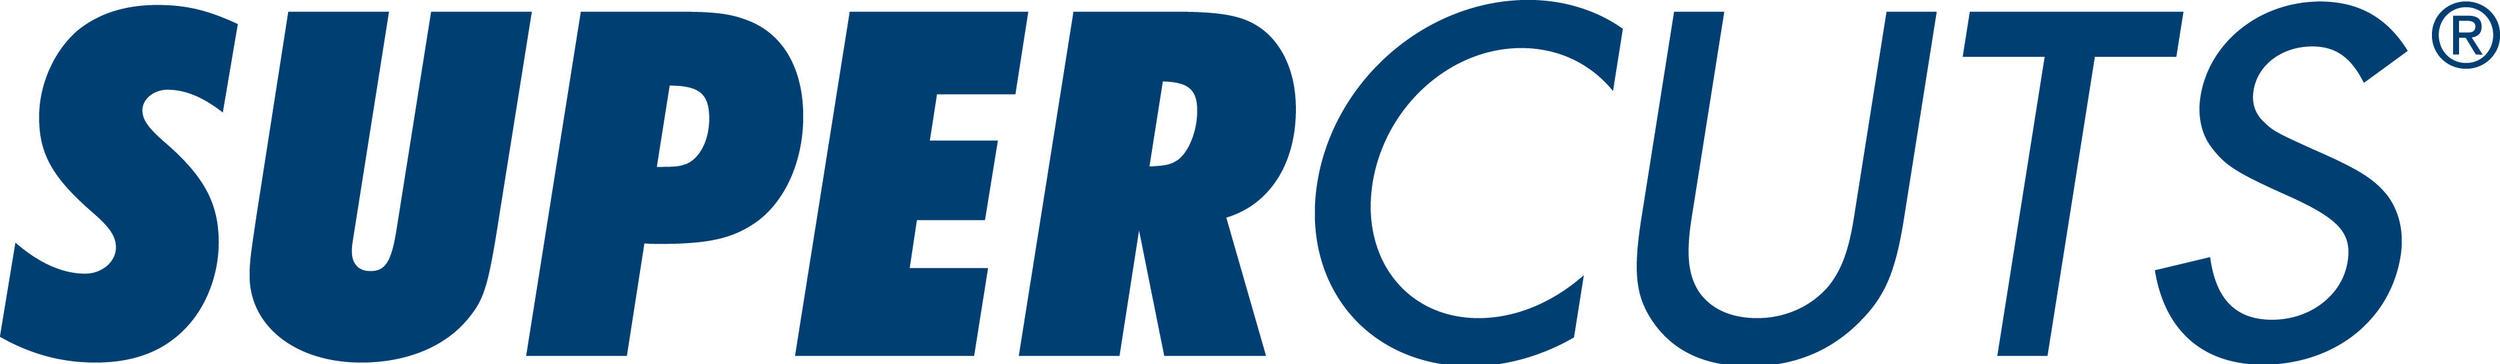 1438270318_52042253-1130554_Supercuts_logo.jpg